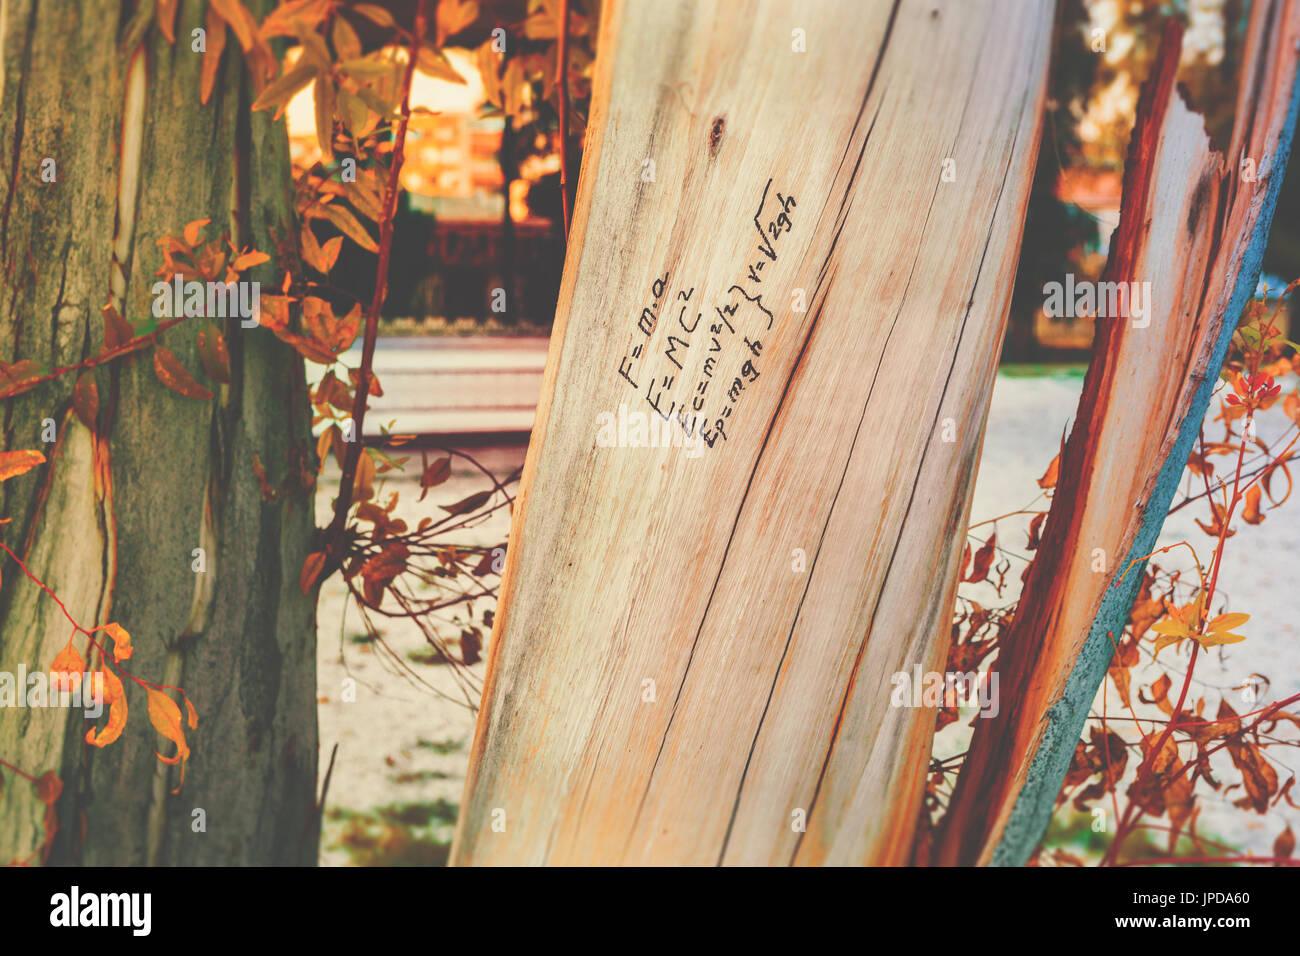 Masse-Energie-Äquivalenz Physik Formel geschrieben am Baumstamm Holz, wie von Hand gezeichnet, Doodle, Herbst Herbst-Saison, zurück zum Schulkonzept, Bildung, Hochschule Stockfoto